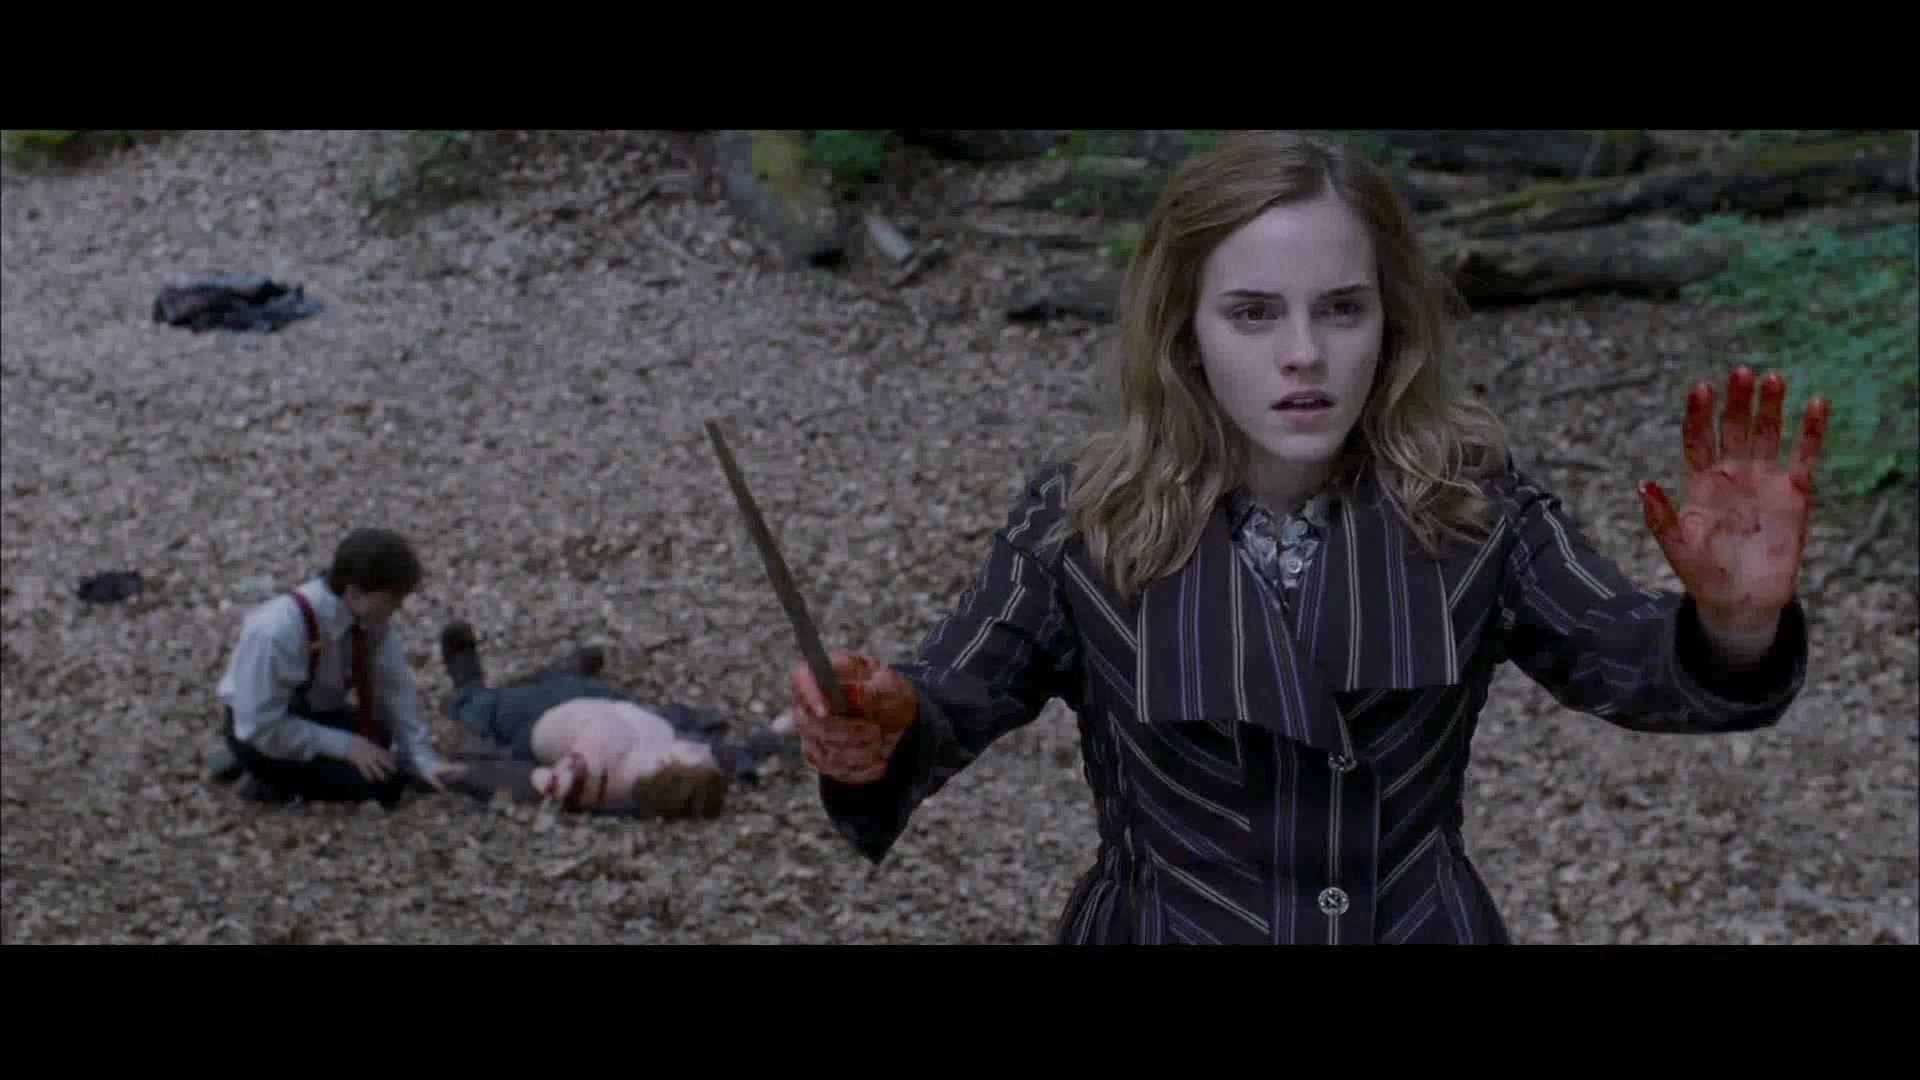 Harry Potter 7 Movie4k